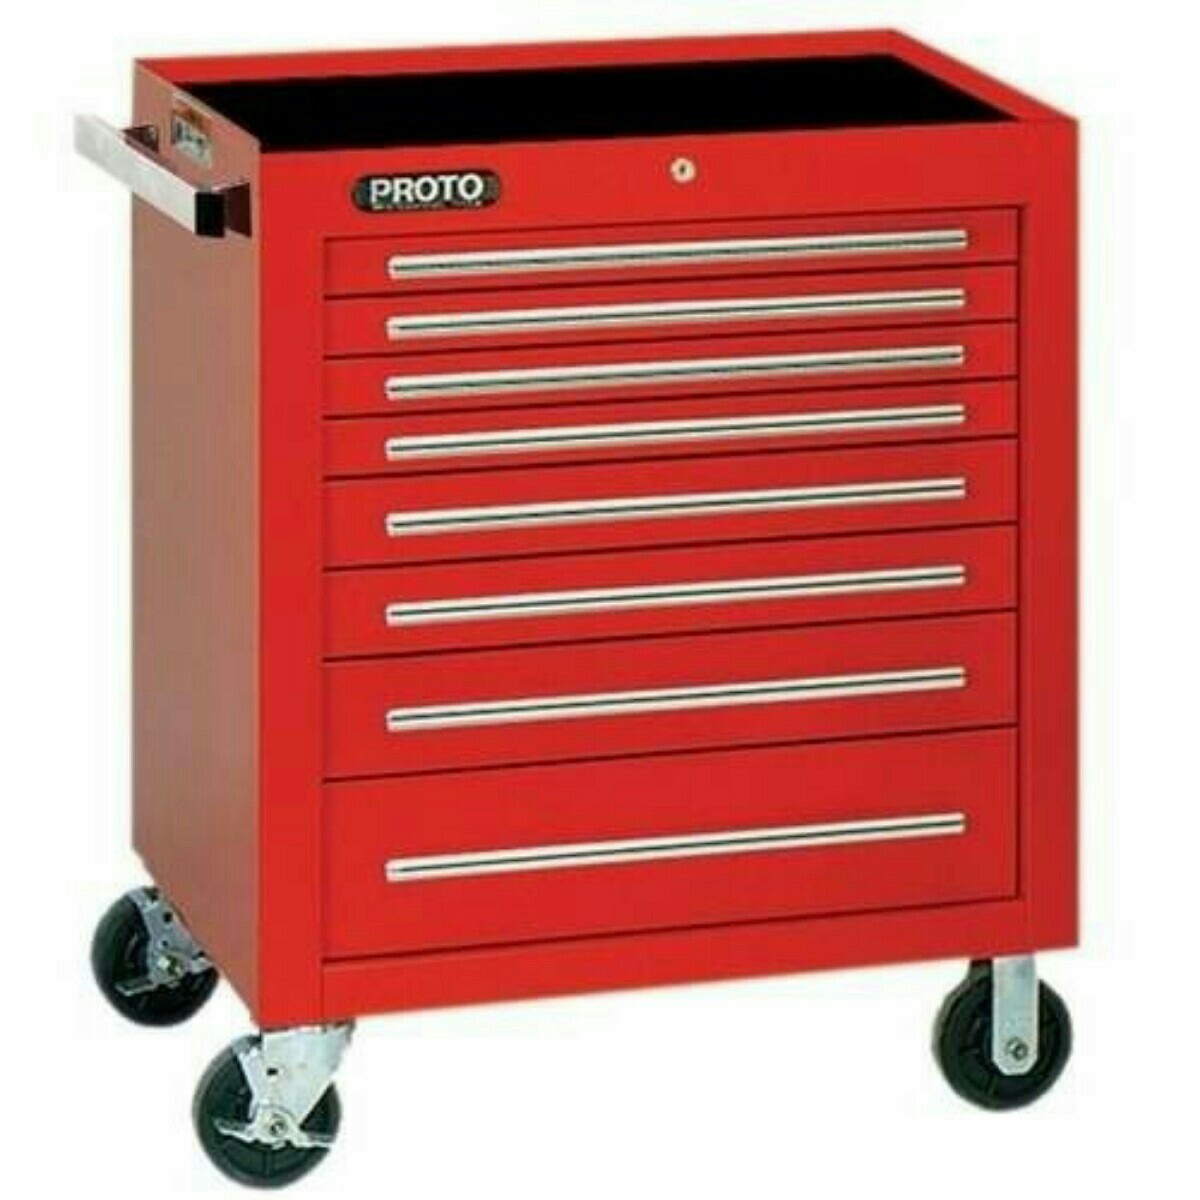 Caja para herramientas proto mod 453441 8rd bs - Caja de herramientas precio ...